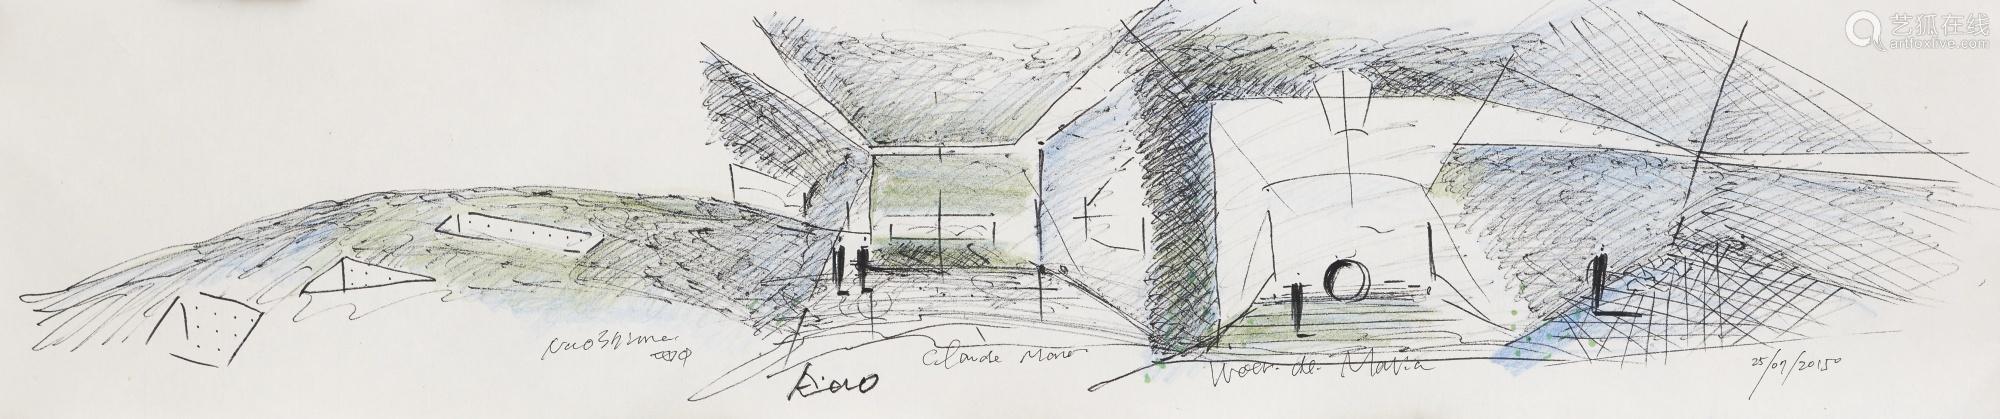 安藤忠雄 二〇一五年作 地中美术馆 建筑绘图、艺术家亲笔签名书